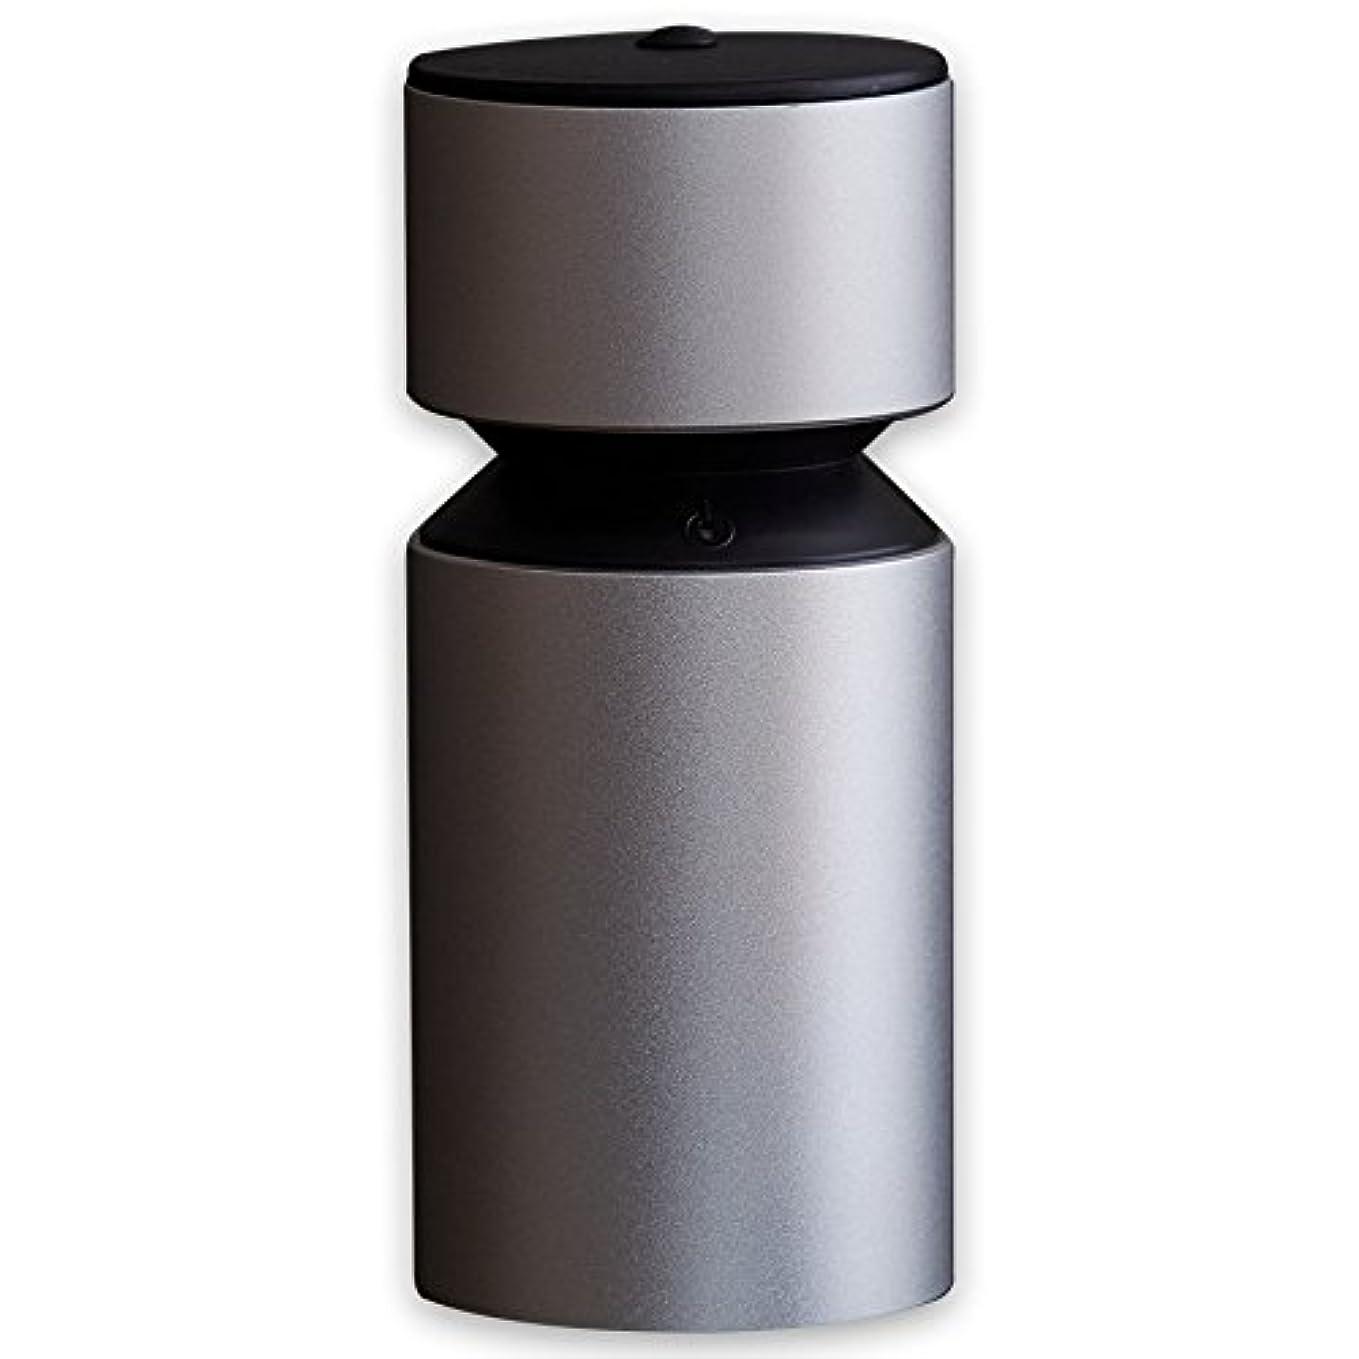 単なるスロベニア剥離アロマディフューザー UR-AROMA03 卓上 小型 加湿器 Uruon(ウルオン) オーガニックアロマオイル対応 天然アロマオイル AROMA ポータブル usb コンパクト 充電式 タンブラー 2way アロマドロップ方式